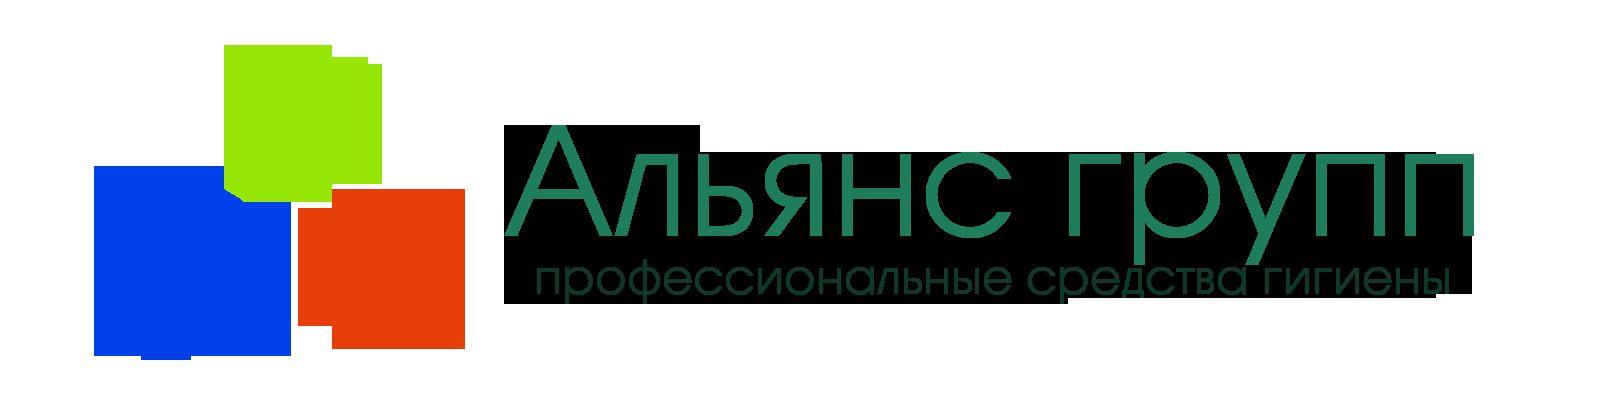 Логотип торгующей организации - дизайнер Swedenski